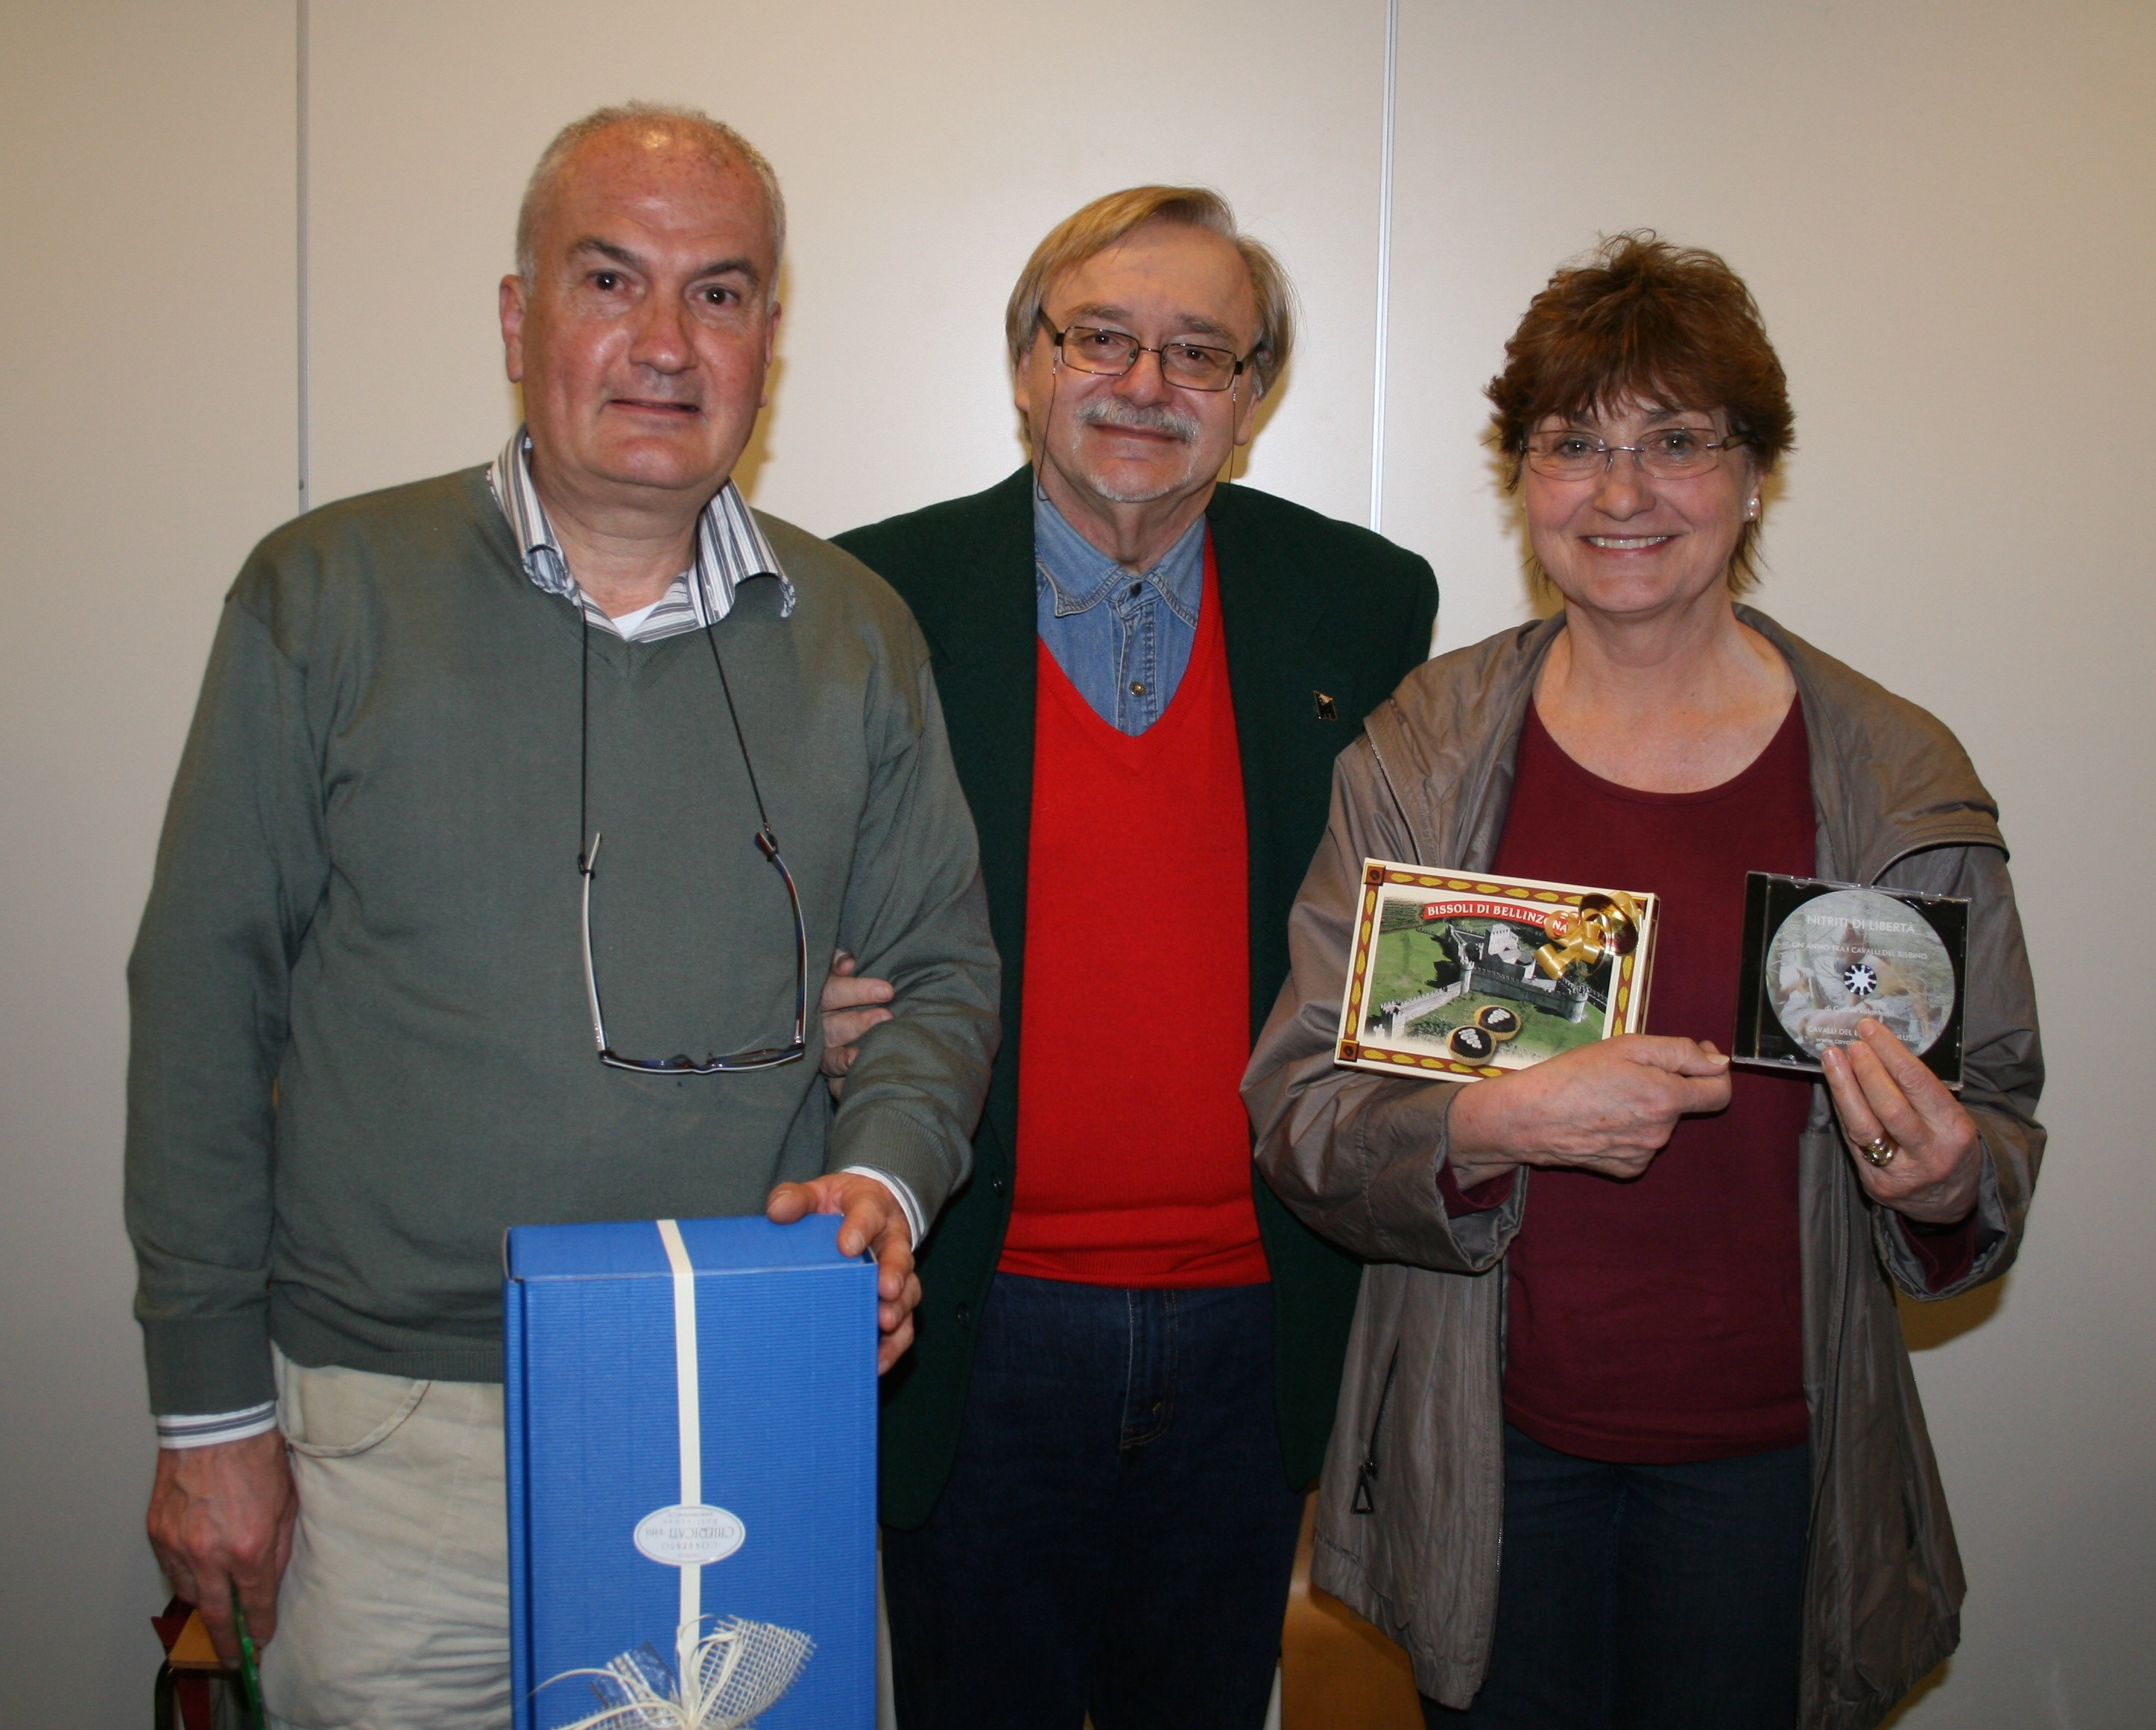 Pres. Artioli con Gianni Volonterio e la sig. Carloni